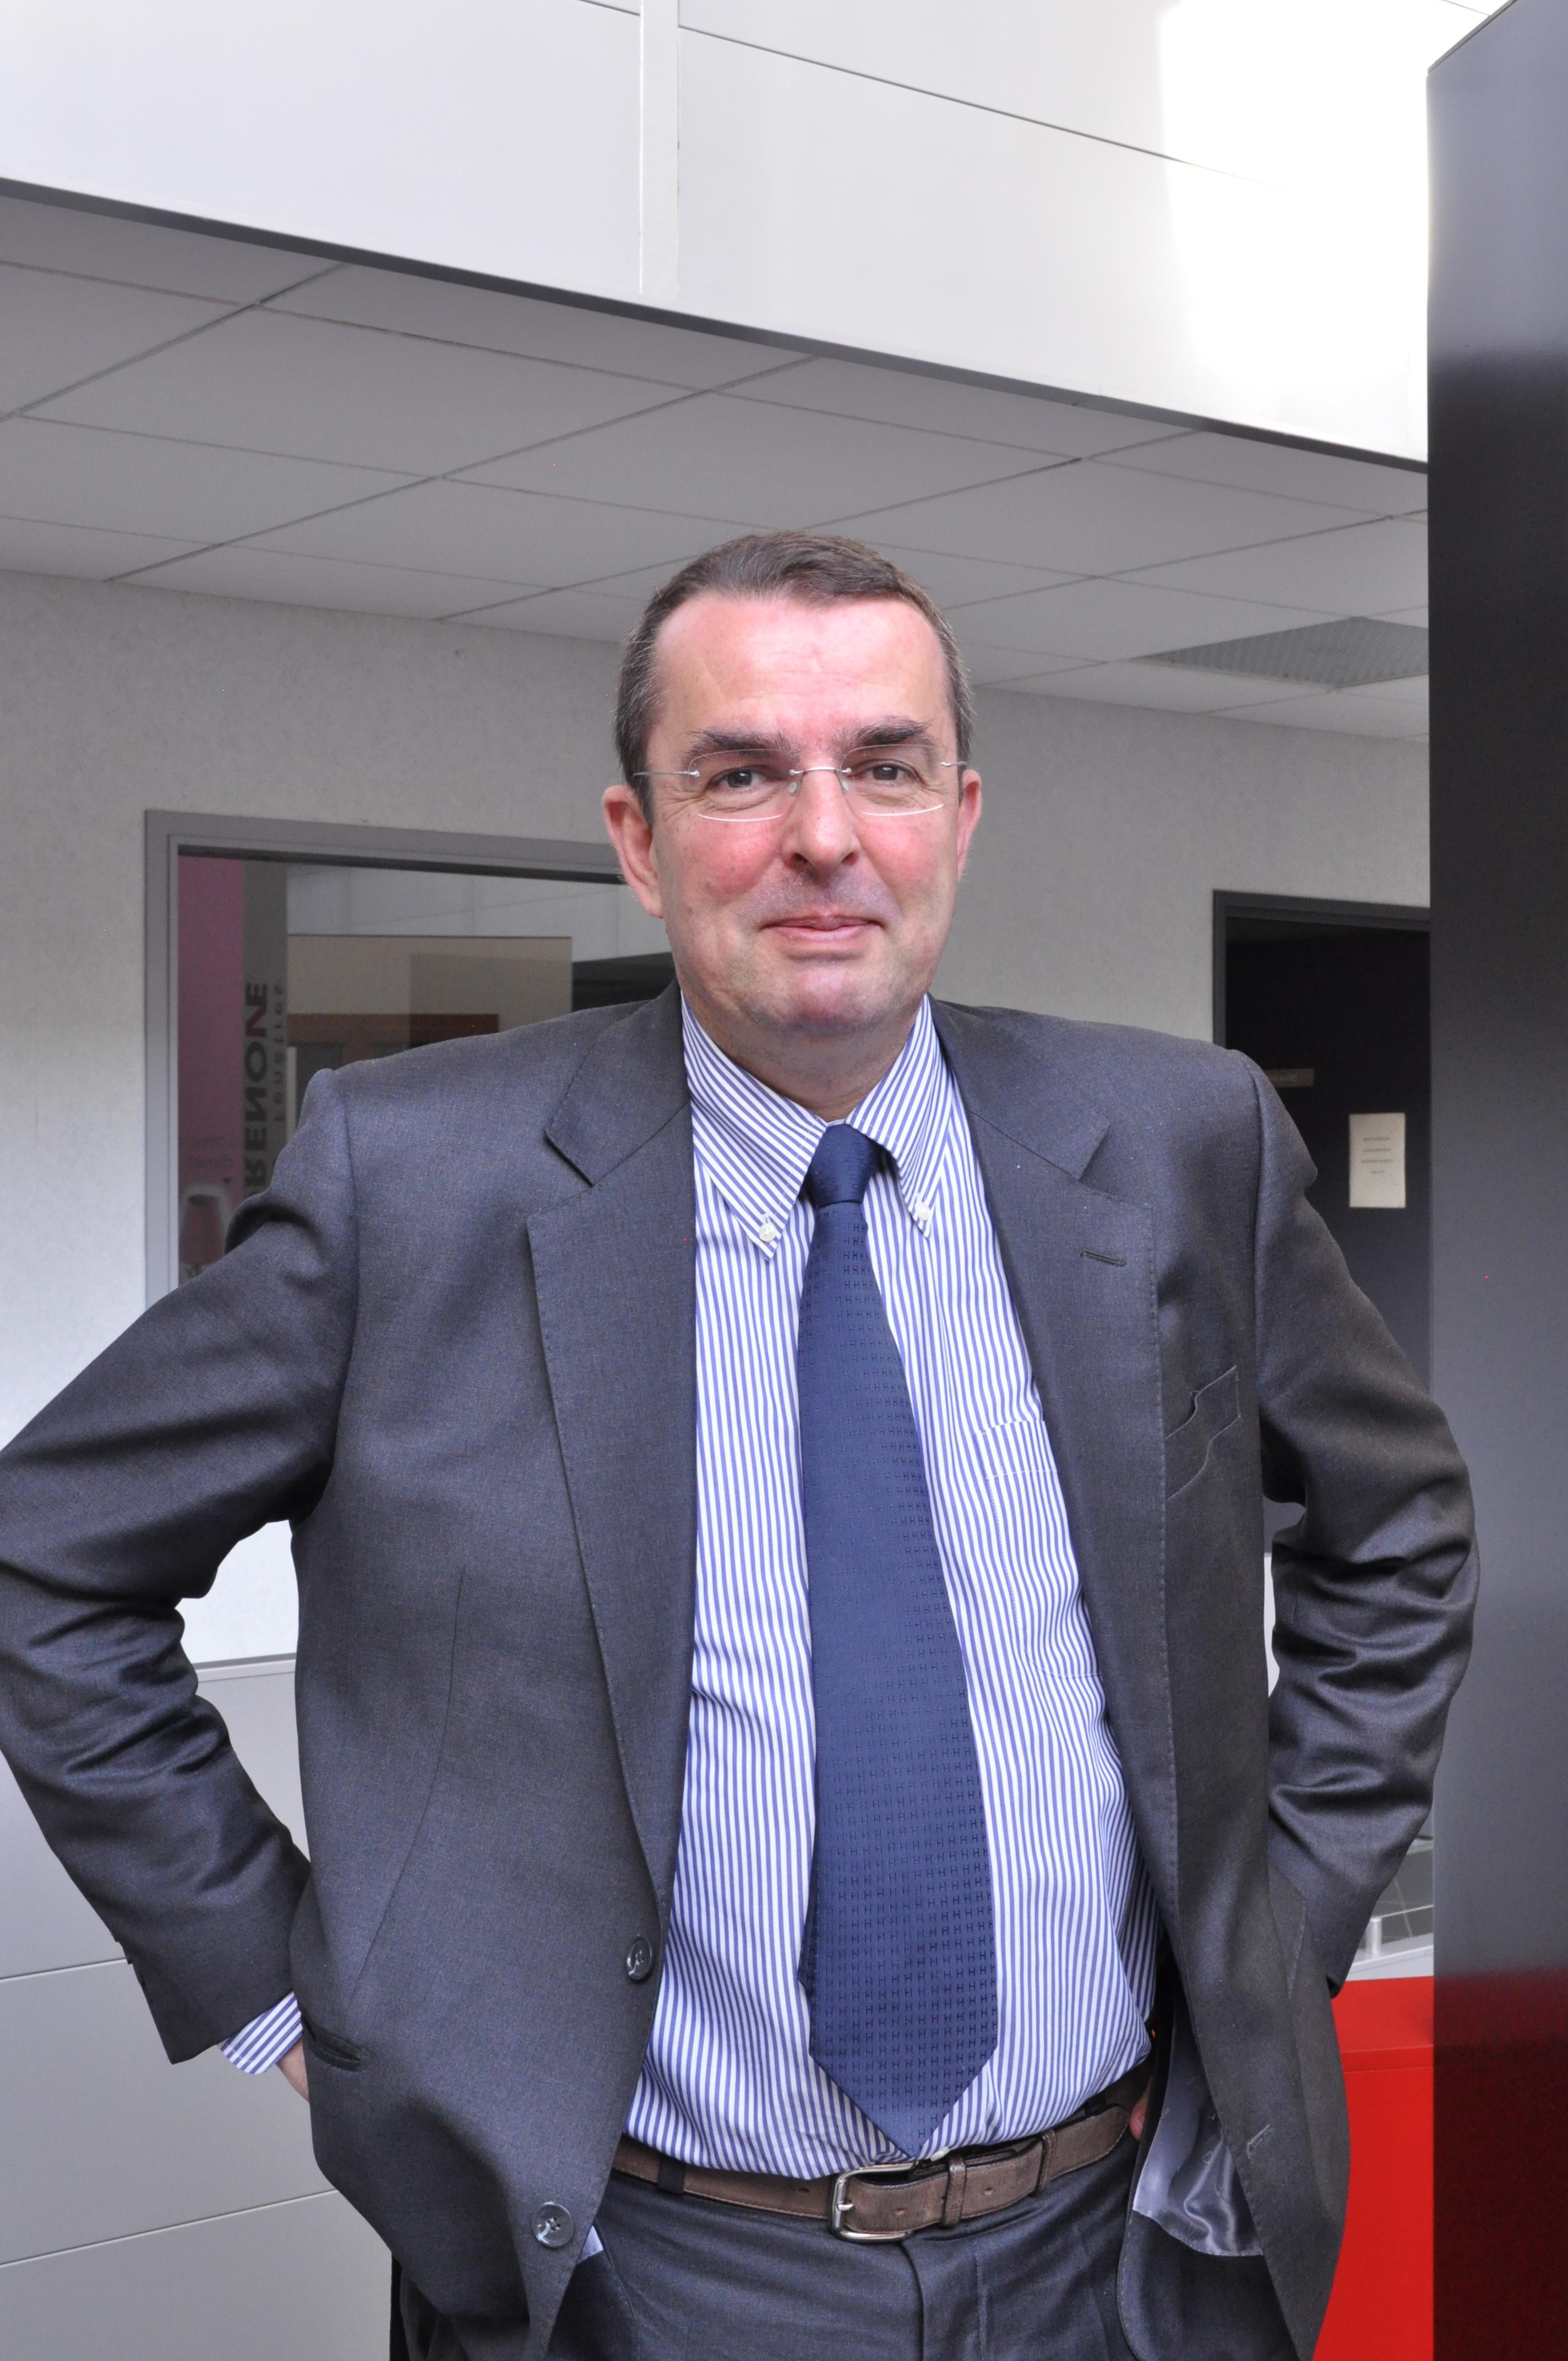 Pierre LORILLARD, Directeur de l'Enseigne Fenêtres Lorenove